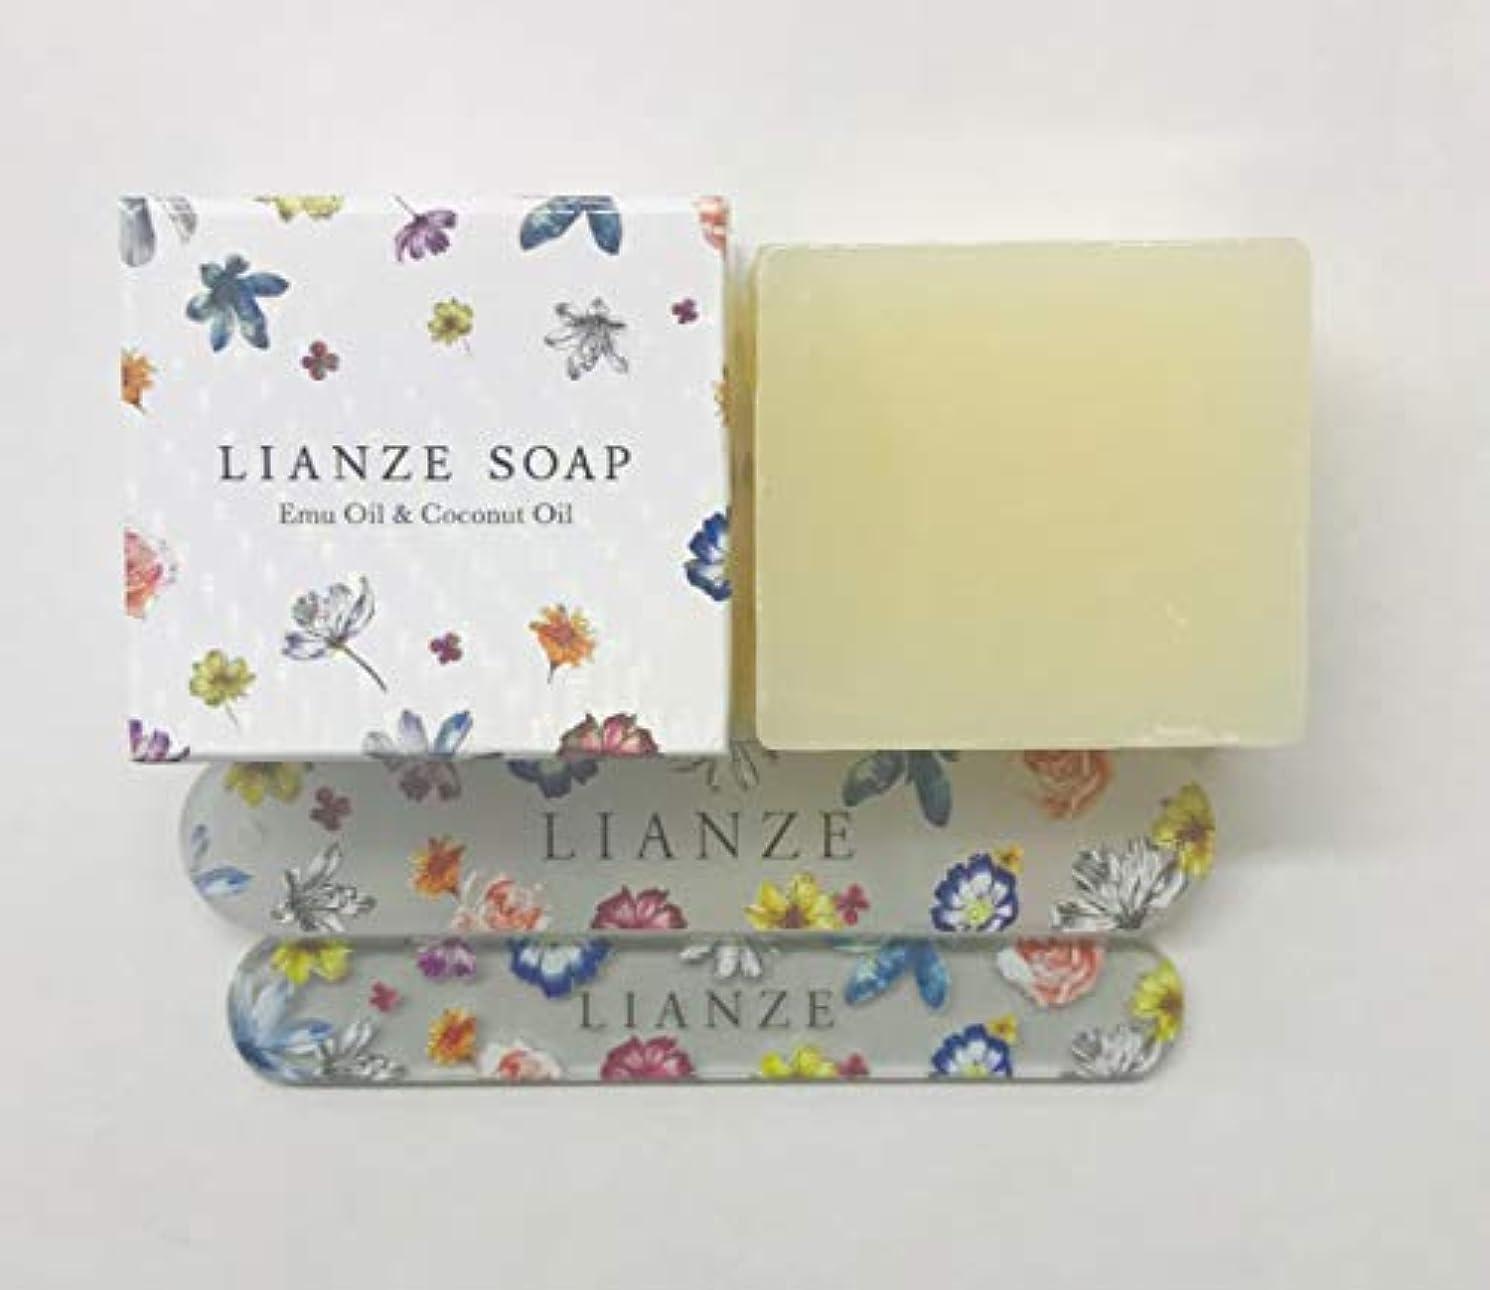 ほこり受け皿ブルジョンギフト プレゼント [ LIANZE ギフトセット ] 洗顔 石鹸 爪磨き